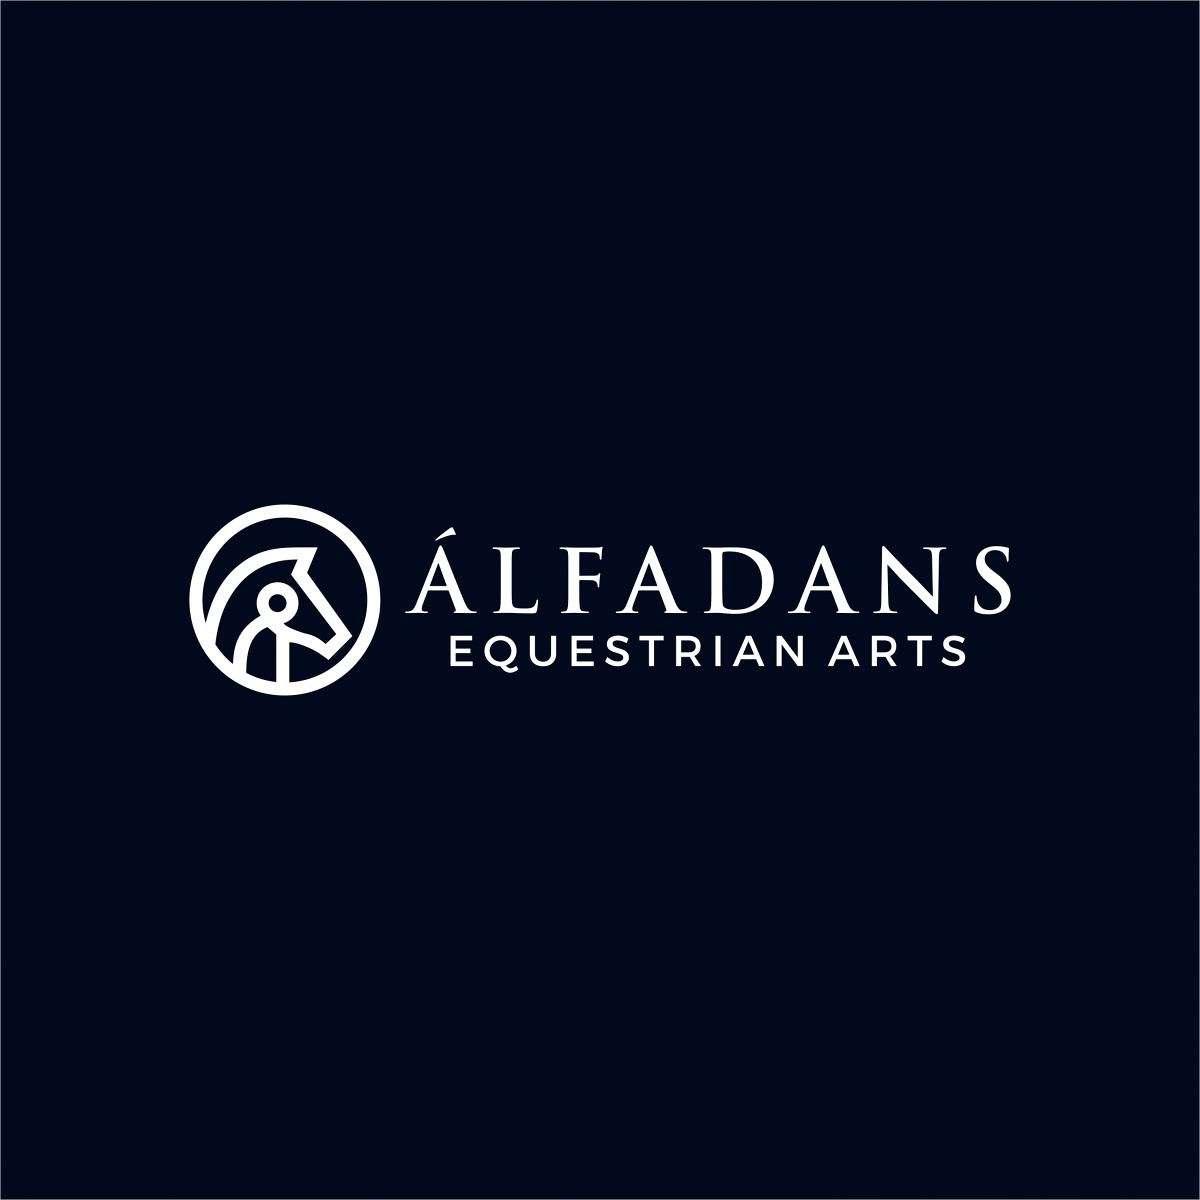 Alfadans Equestrian Arts